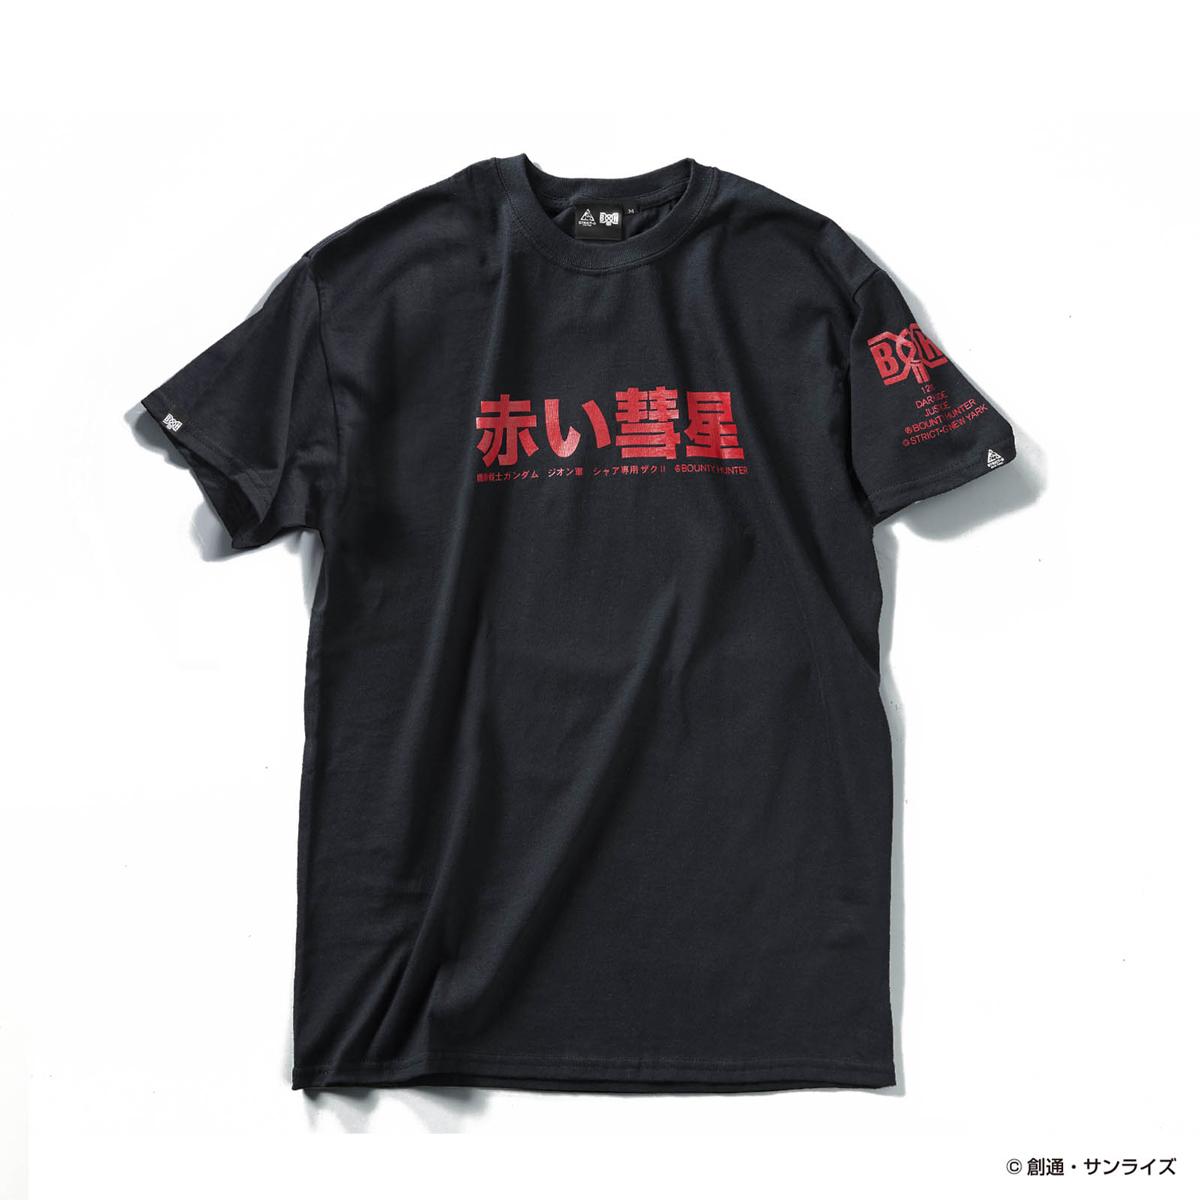 2020年6月13日(土)発売STRICT-G NEW YARK × BOUNTY HUNTER  赤い彗星Tシャツ 購入制限のお知らせ